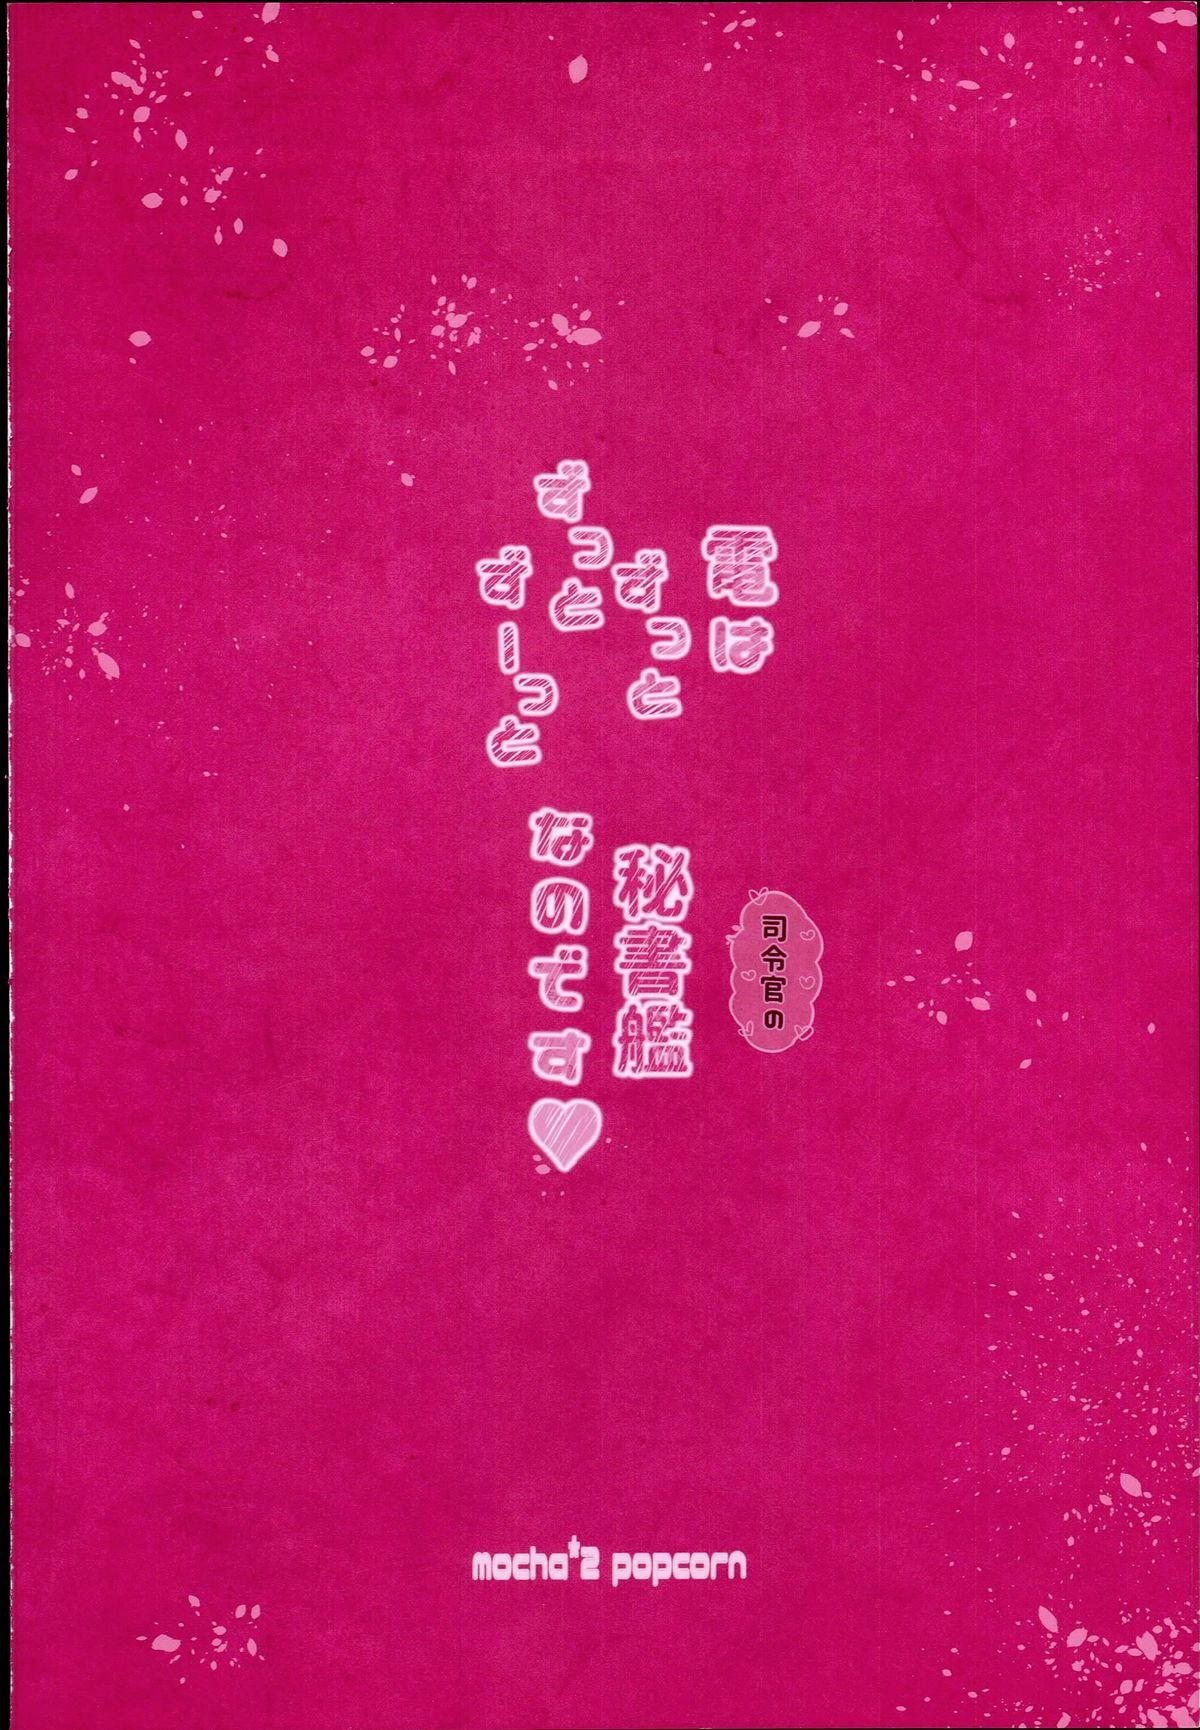 Inazuma wa Zutto Zutto Zutto Shireikan no Hishokan nano desu 27